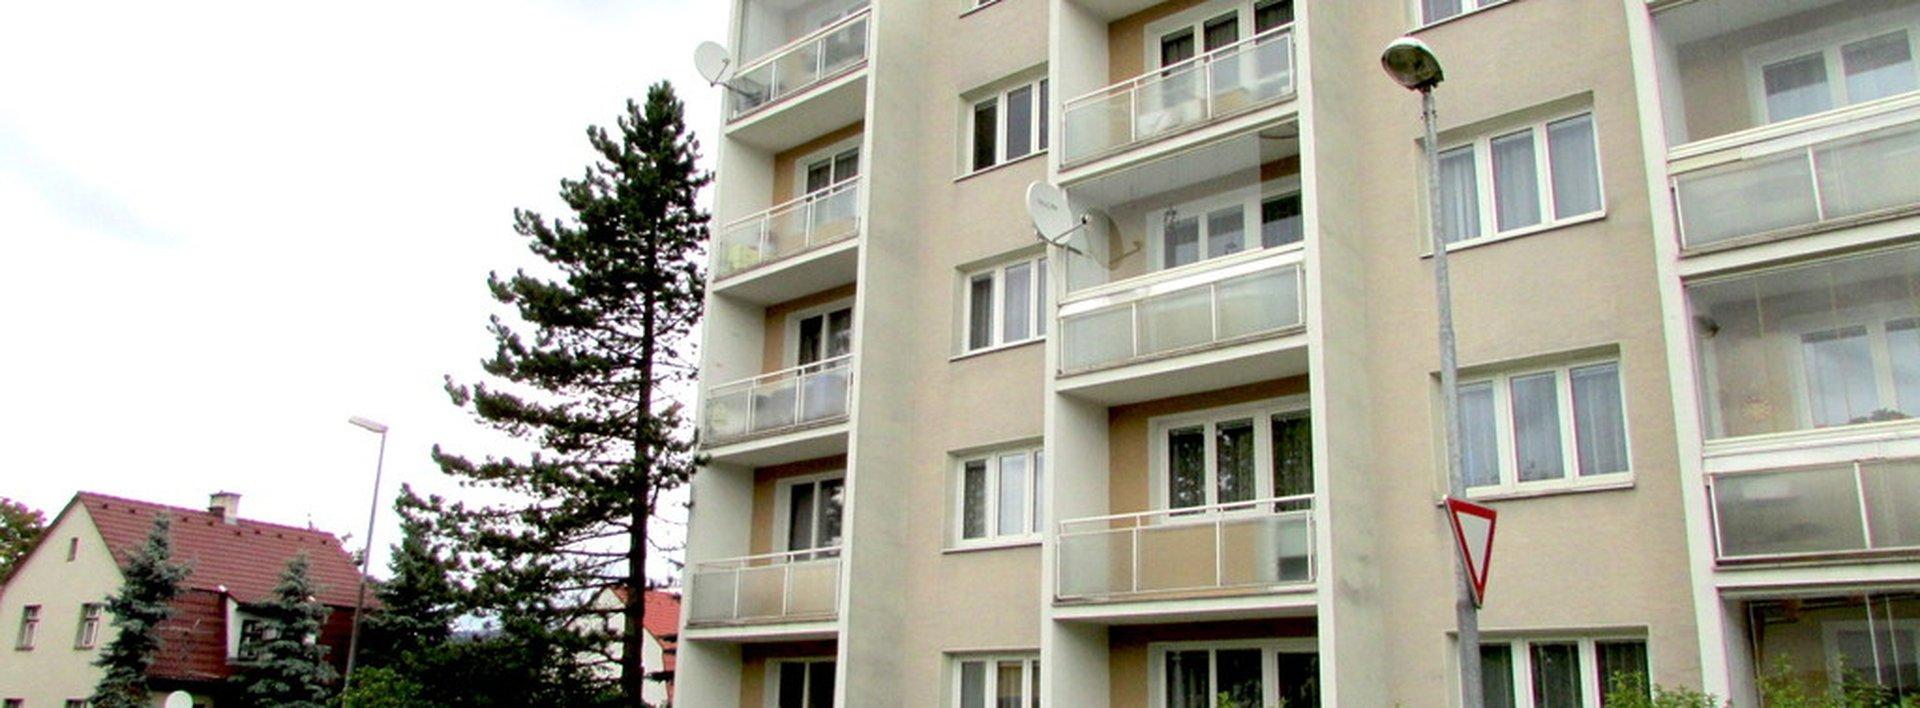 Pronájem bytu 2+1 s lodžií, 56 m² v Liberci - Králův Háj, Ev.č.: N47431